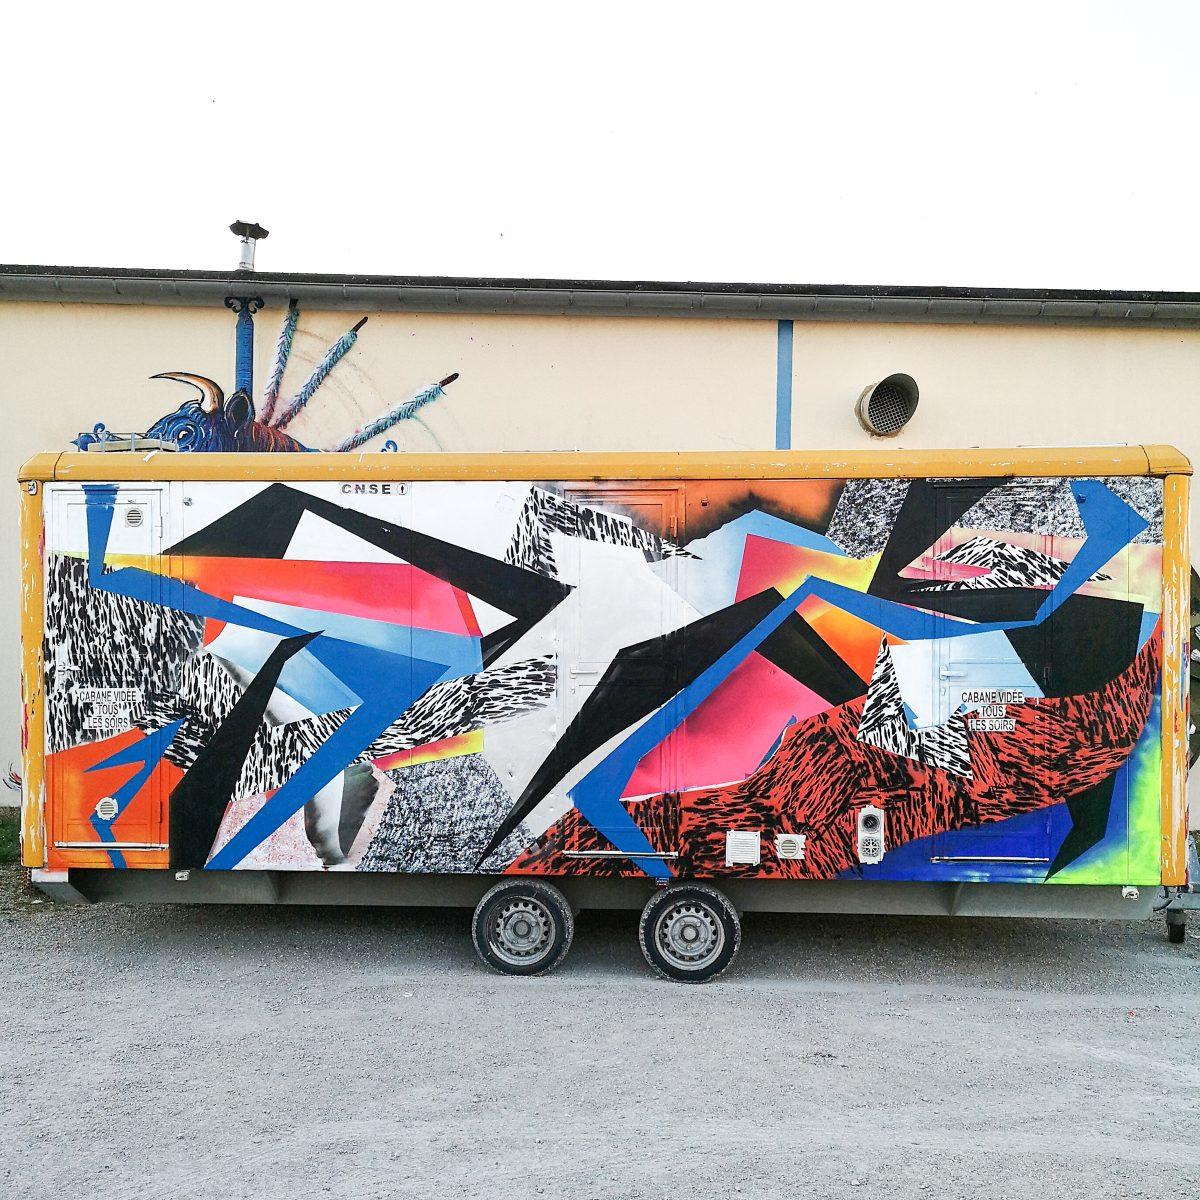 Antoni RSM pour Place aux arts 2019